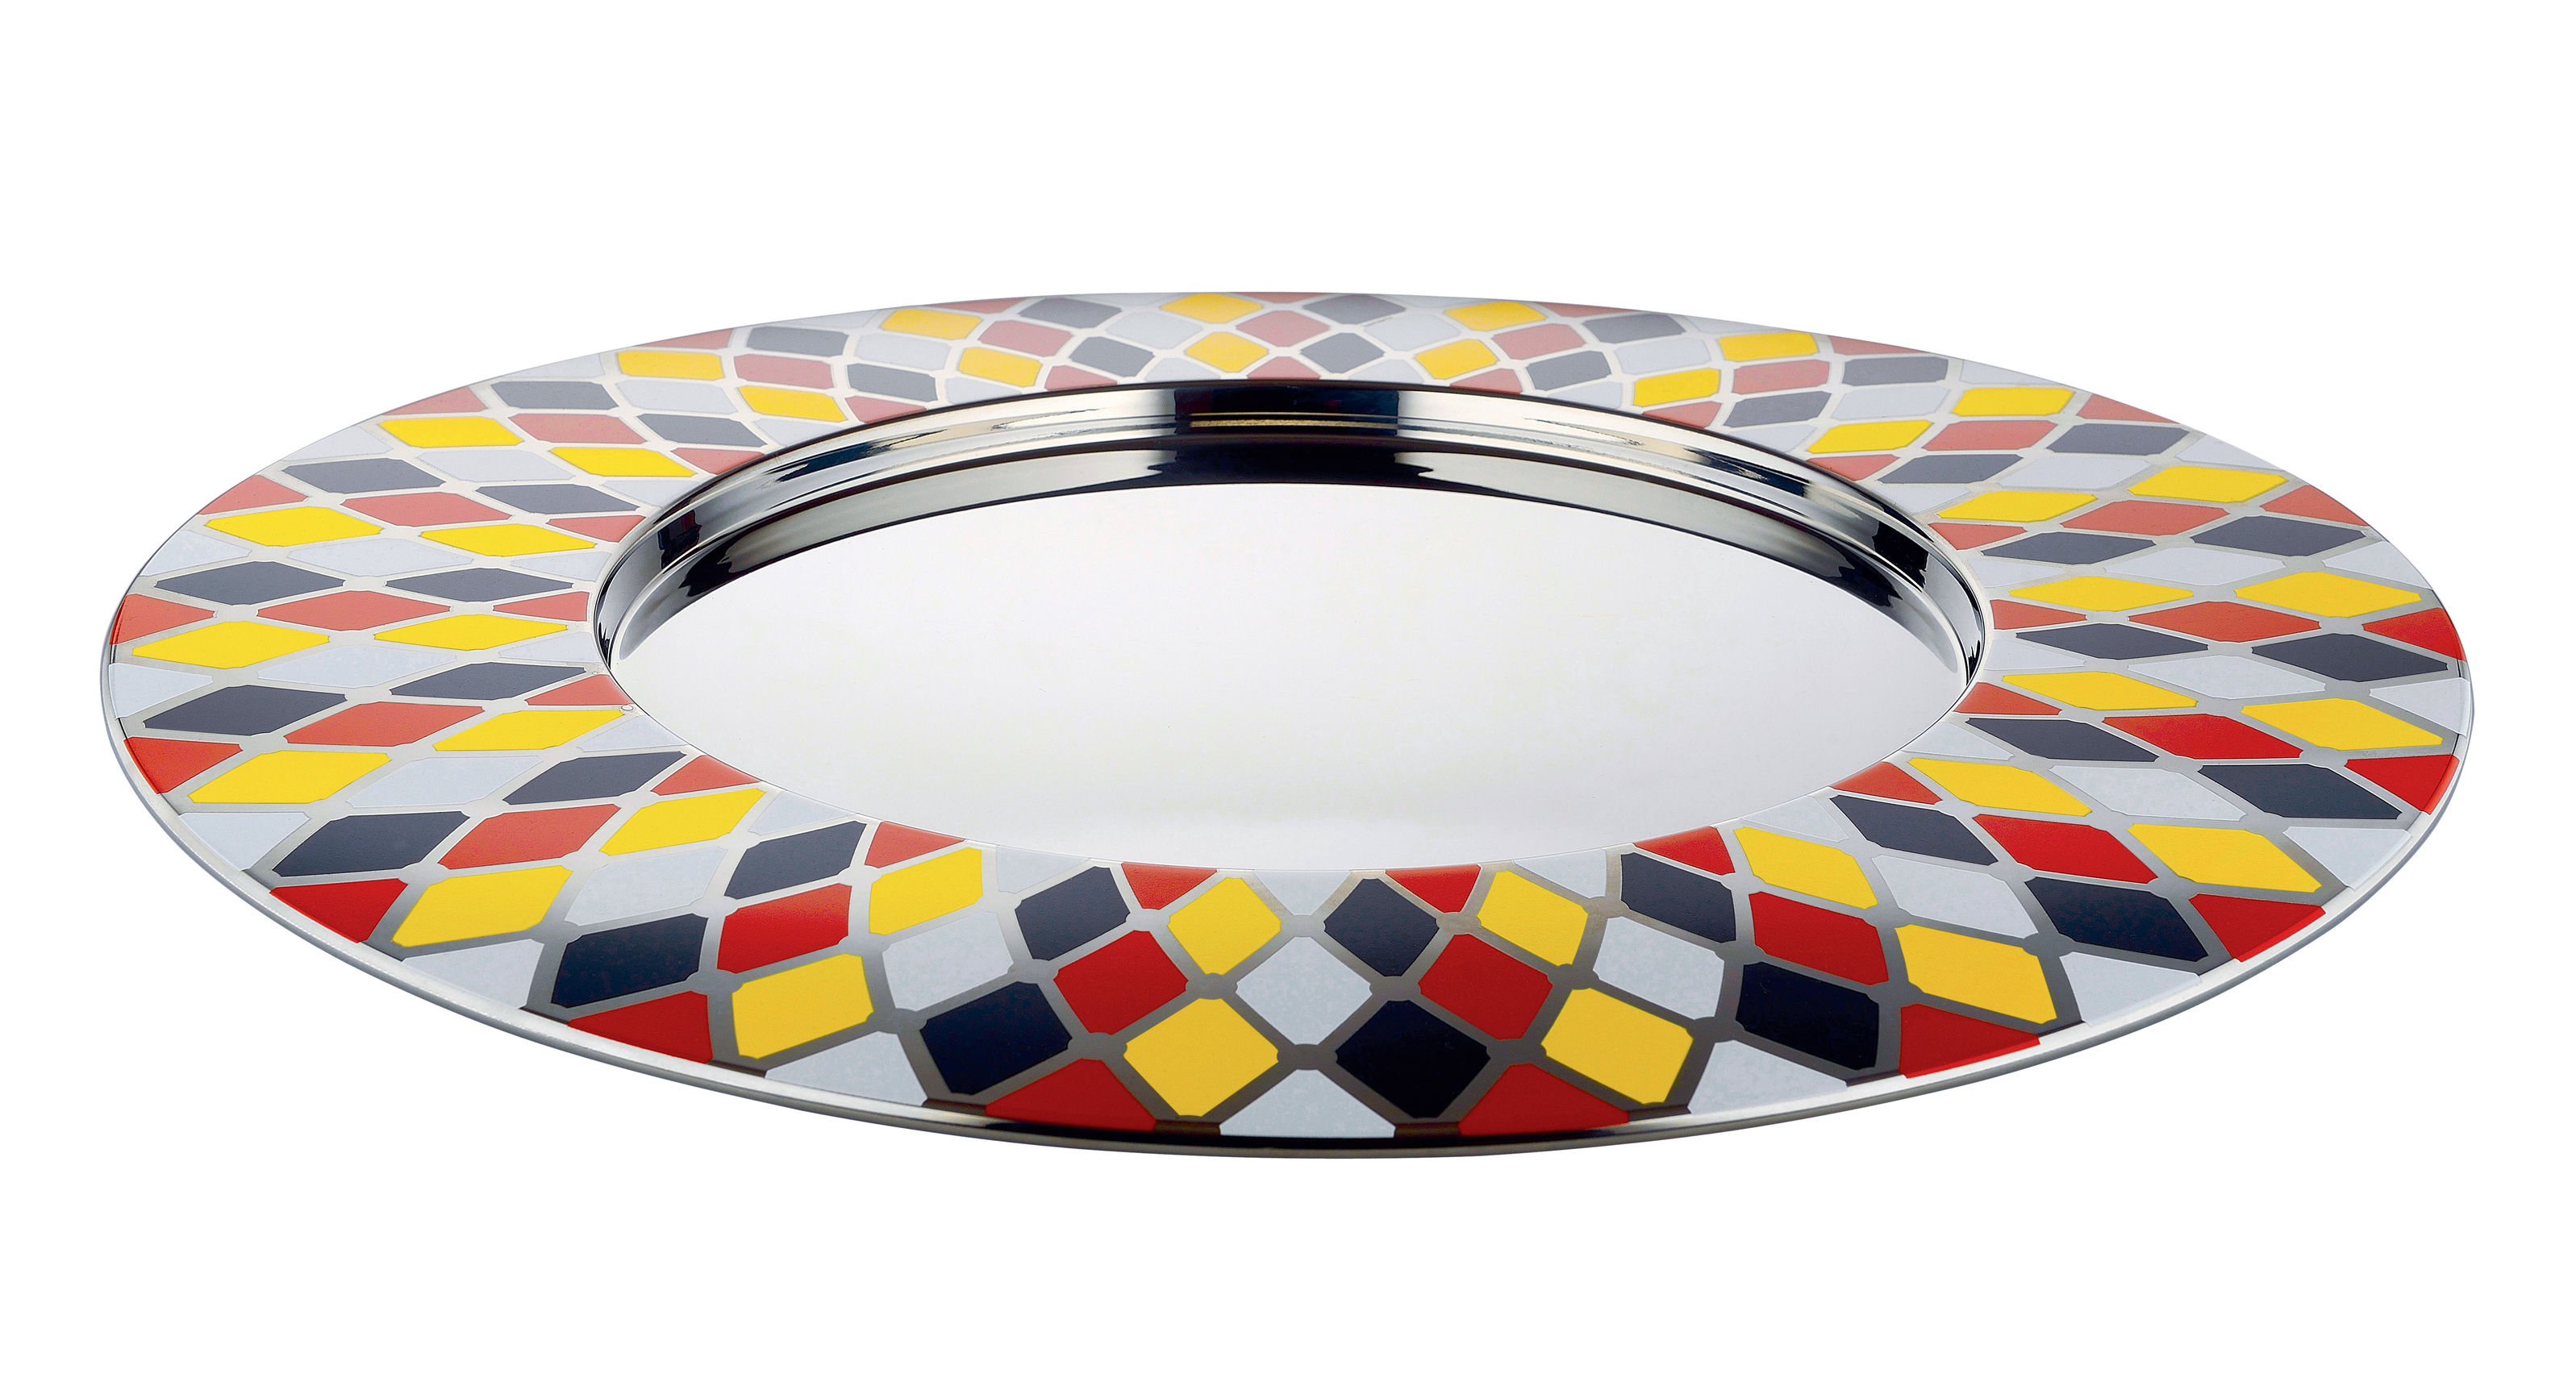 Arts de la table - Plateaux - Plateau Circus / Ø 48 cm - Métal - Alessi - Multicolore - Acier inoxydable peint